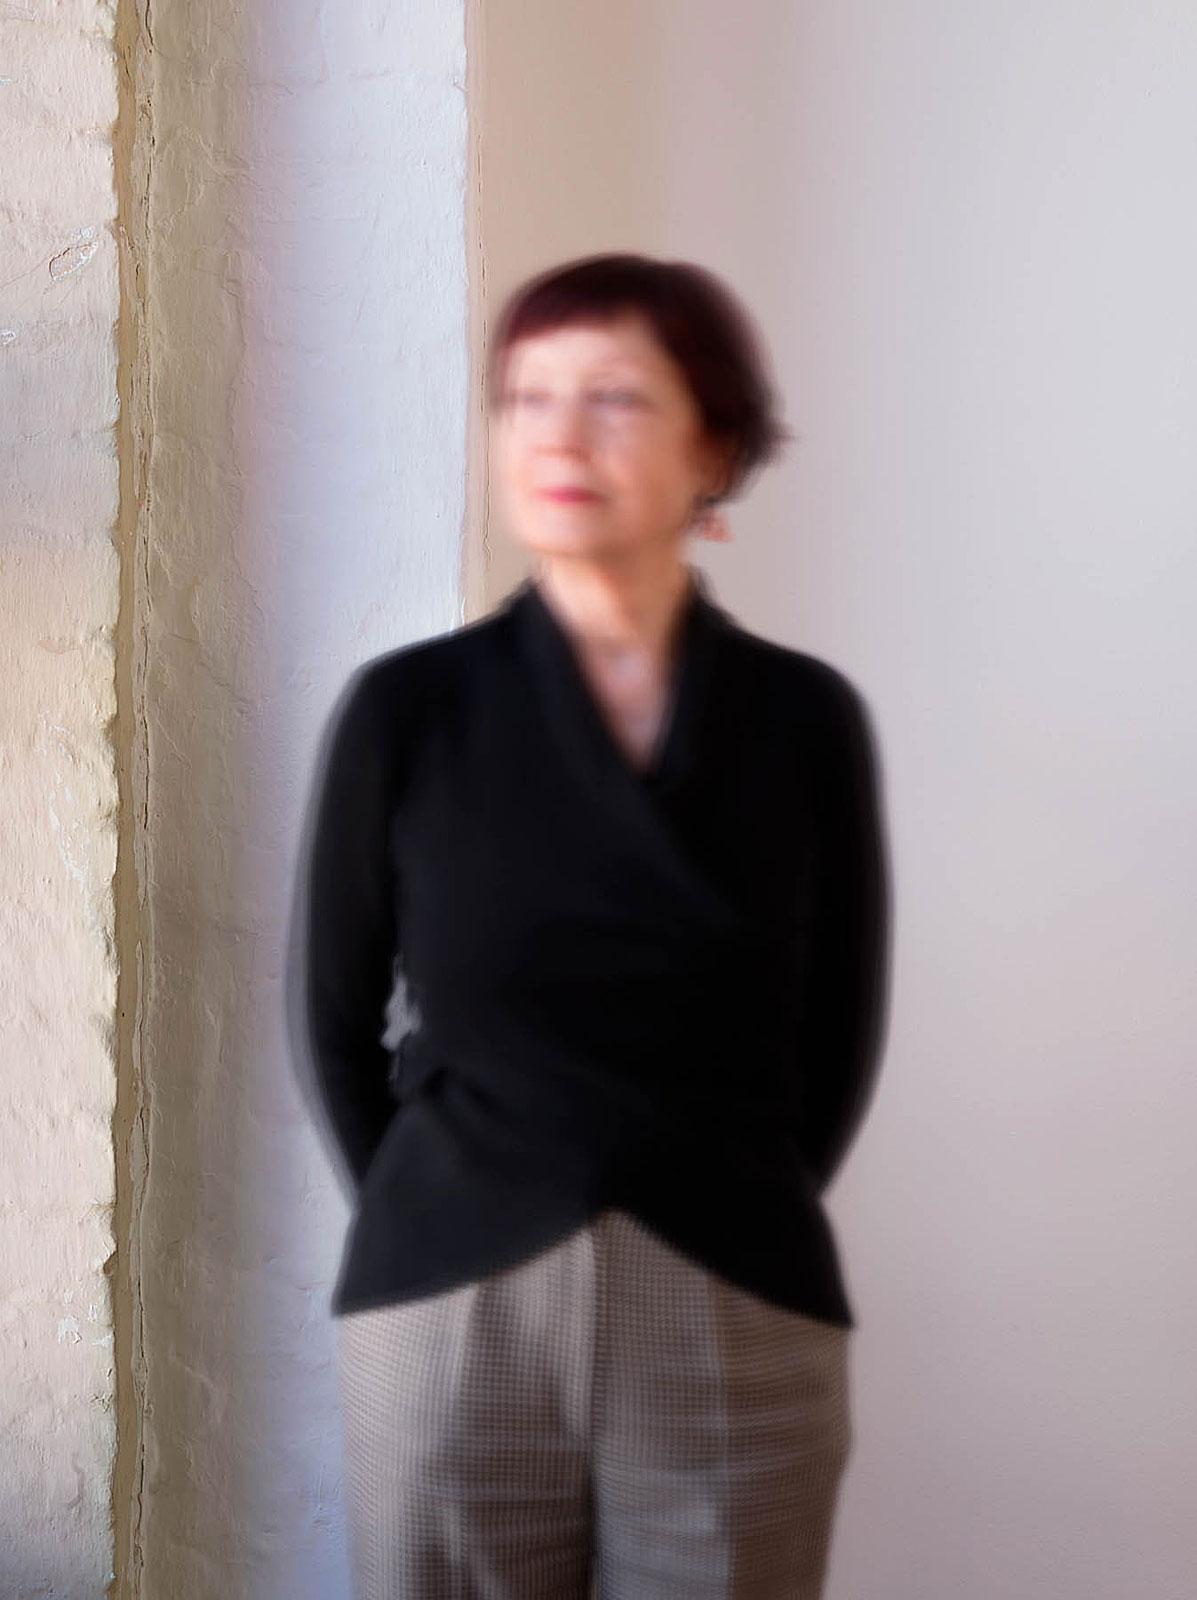 Erika Hoffmann (10.41 - 10.46 Uhr, 23.4.2015)